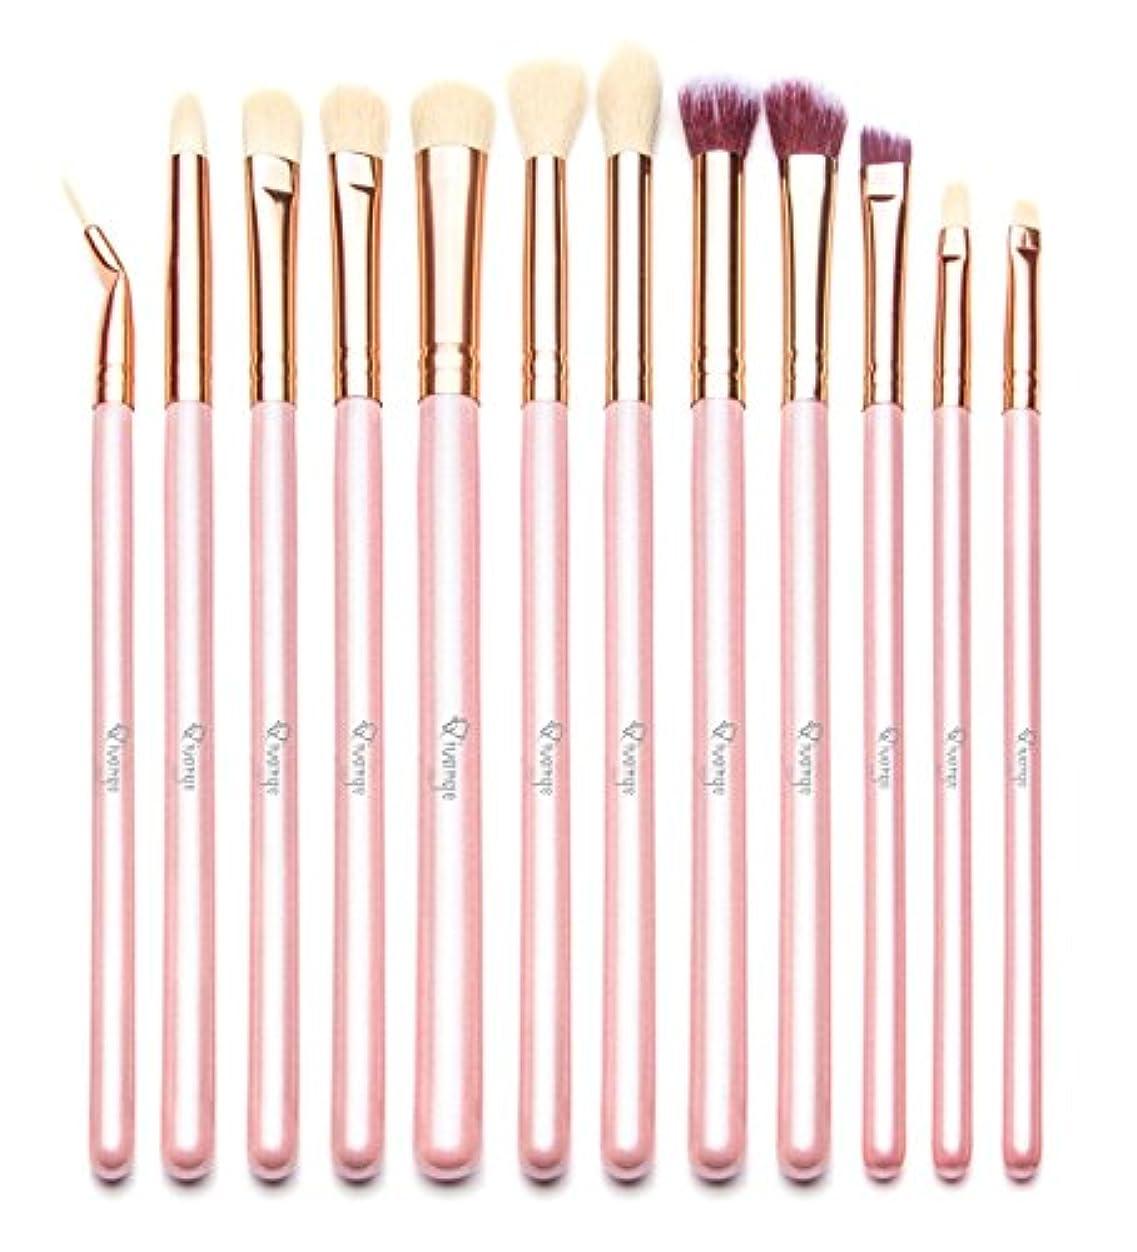 夫魔術師包帯Qivangeアイシャドウブラシ 12本セット 可愛いメイクブラシ 手柄キラキラ 化粧筆 化粧ポーチ付き 旅行に便利(ピンク) …